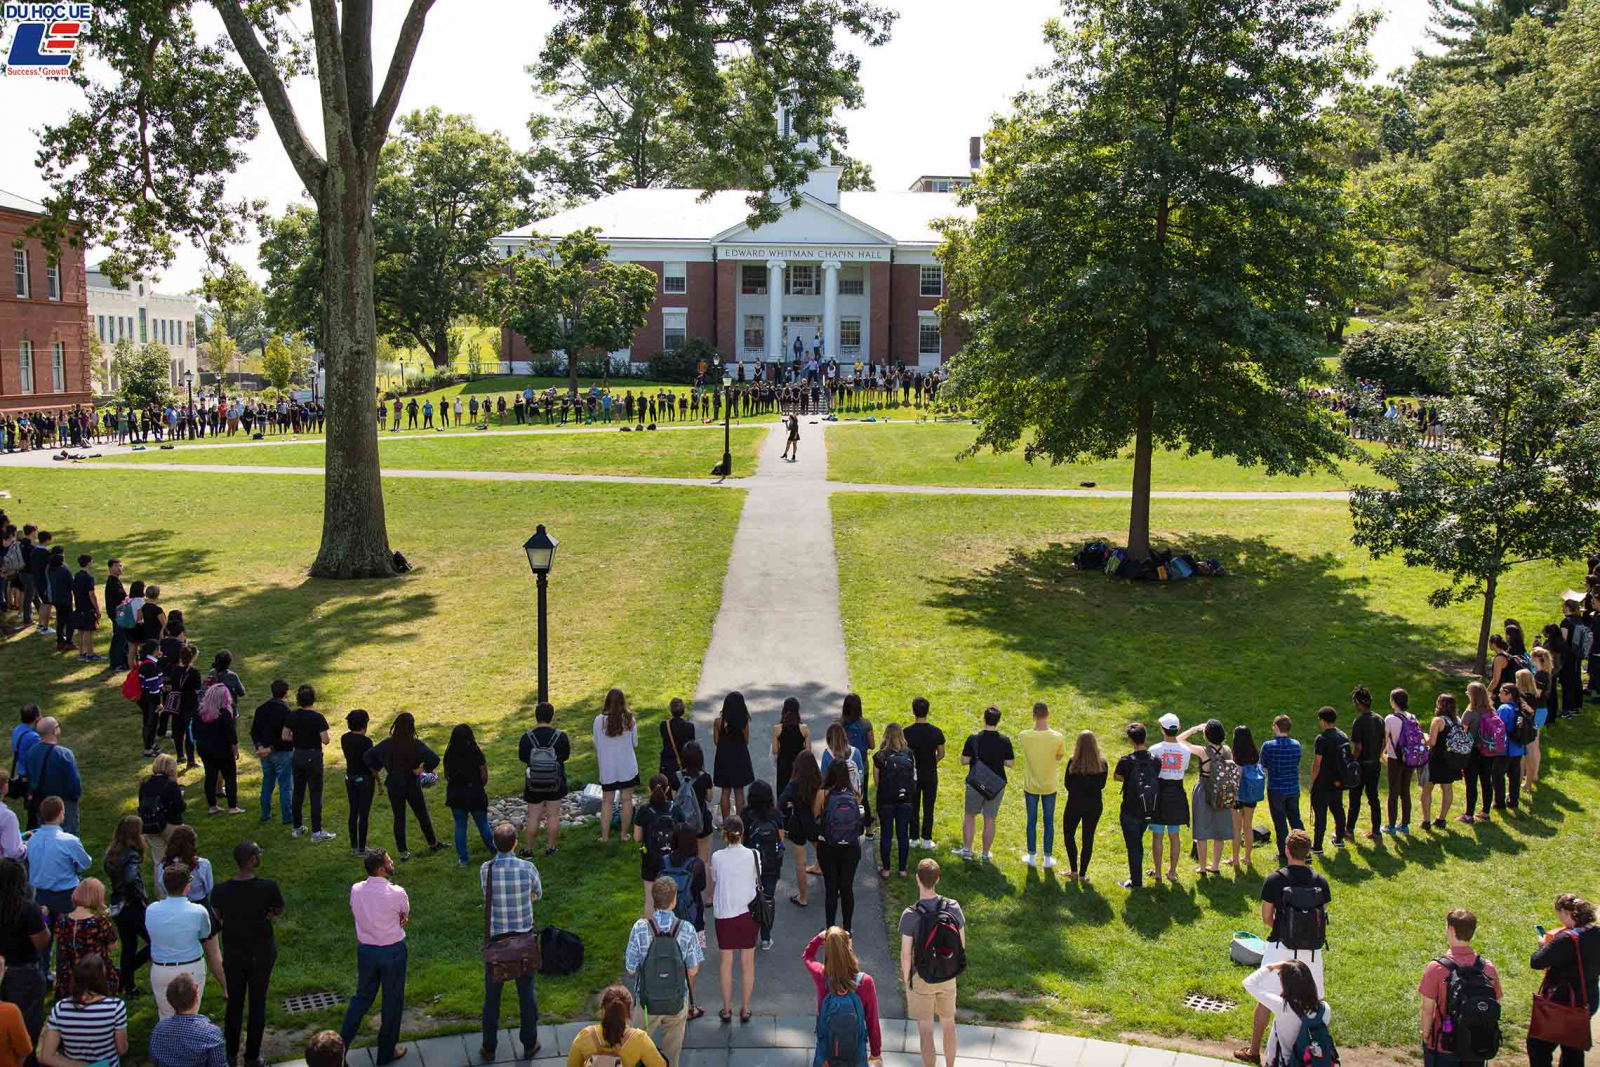 Cơ hội đặt chân đến Mỹ bằng học bổng toàn phần tại Amherst College